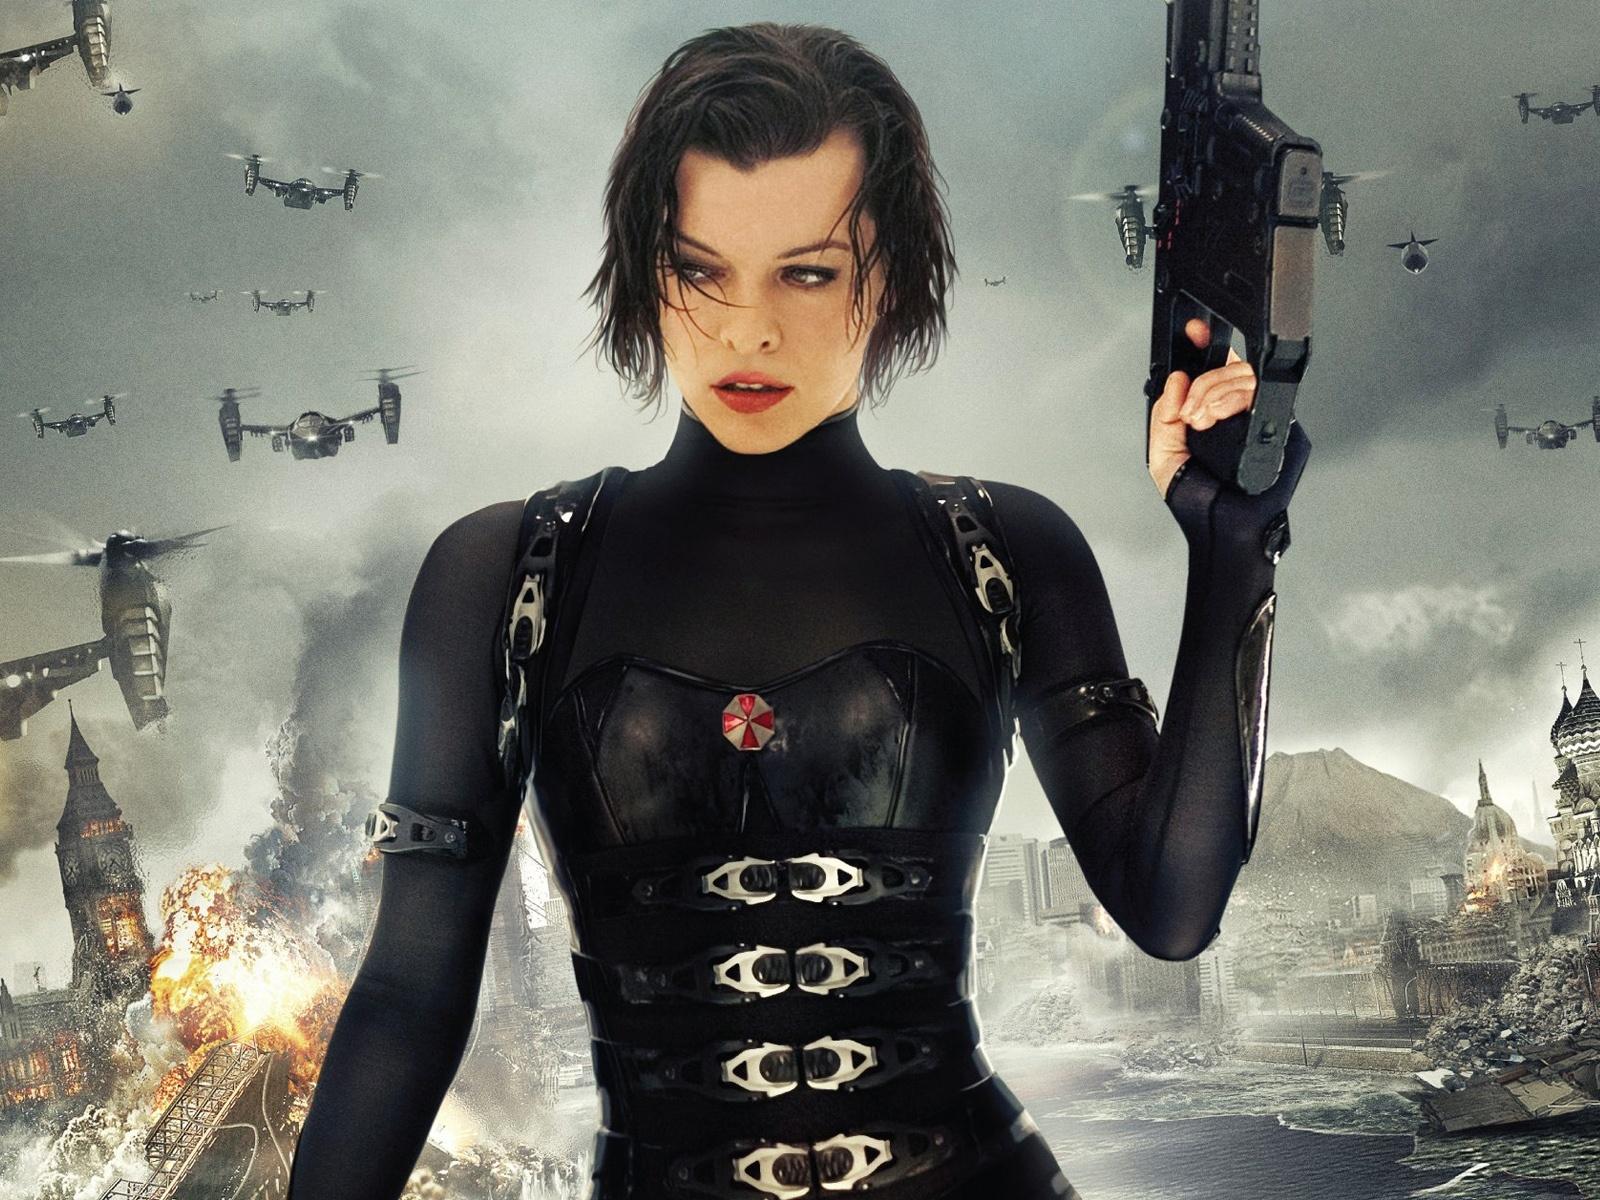 http://1.bp.blogspot.com/-1GC6fA-nXK8/UO2QmzULZ6I/AAAAAAAAWVU/X6MMIuSs9QI/s1600/2012-movie-Resident-Evil-5-Retribution-Milla-Jovovich_1600x1200.jpg